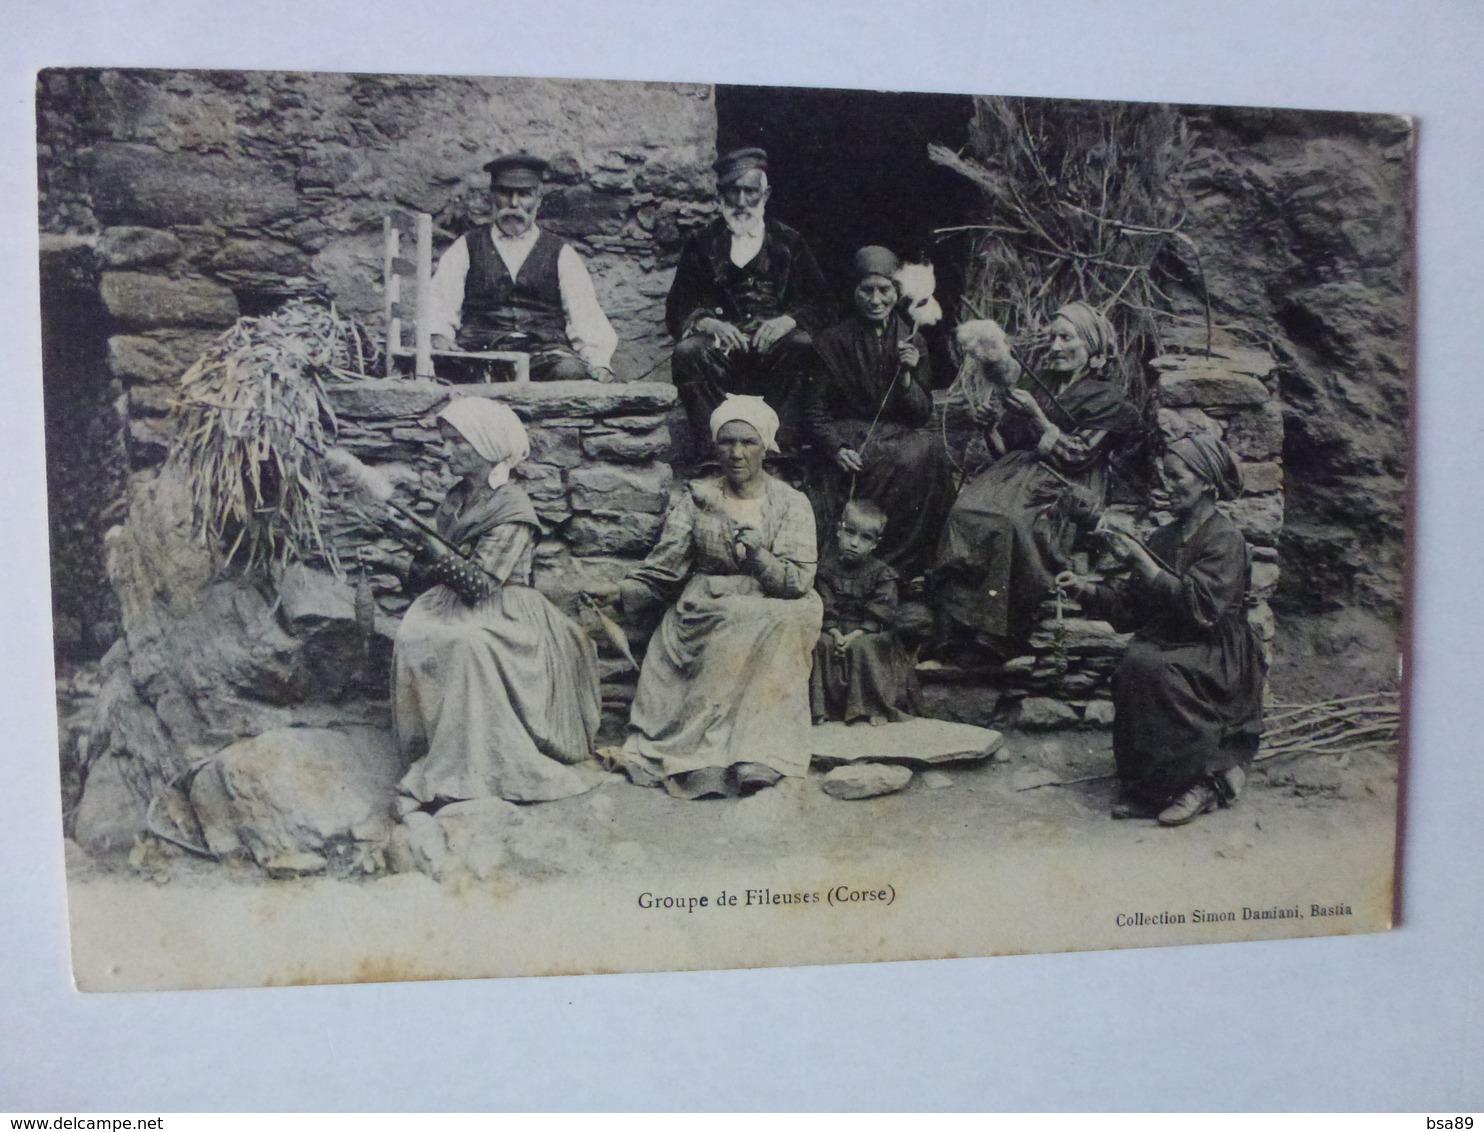 CPA, GROUPE DE FILEUSES, COLLECTION SIMON DAMIANI, BASTIA, VOIR SCAN - Bastia